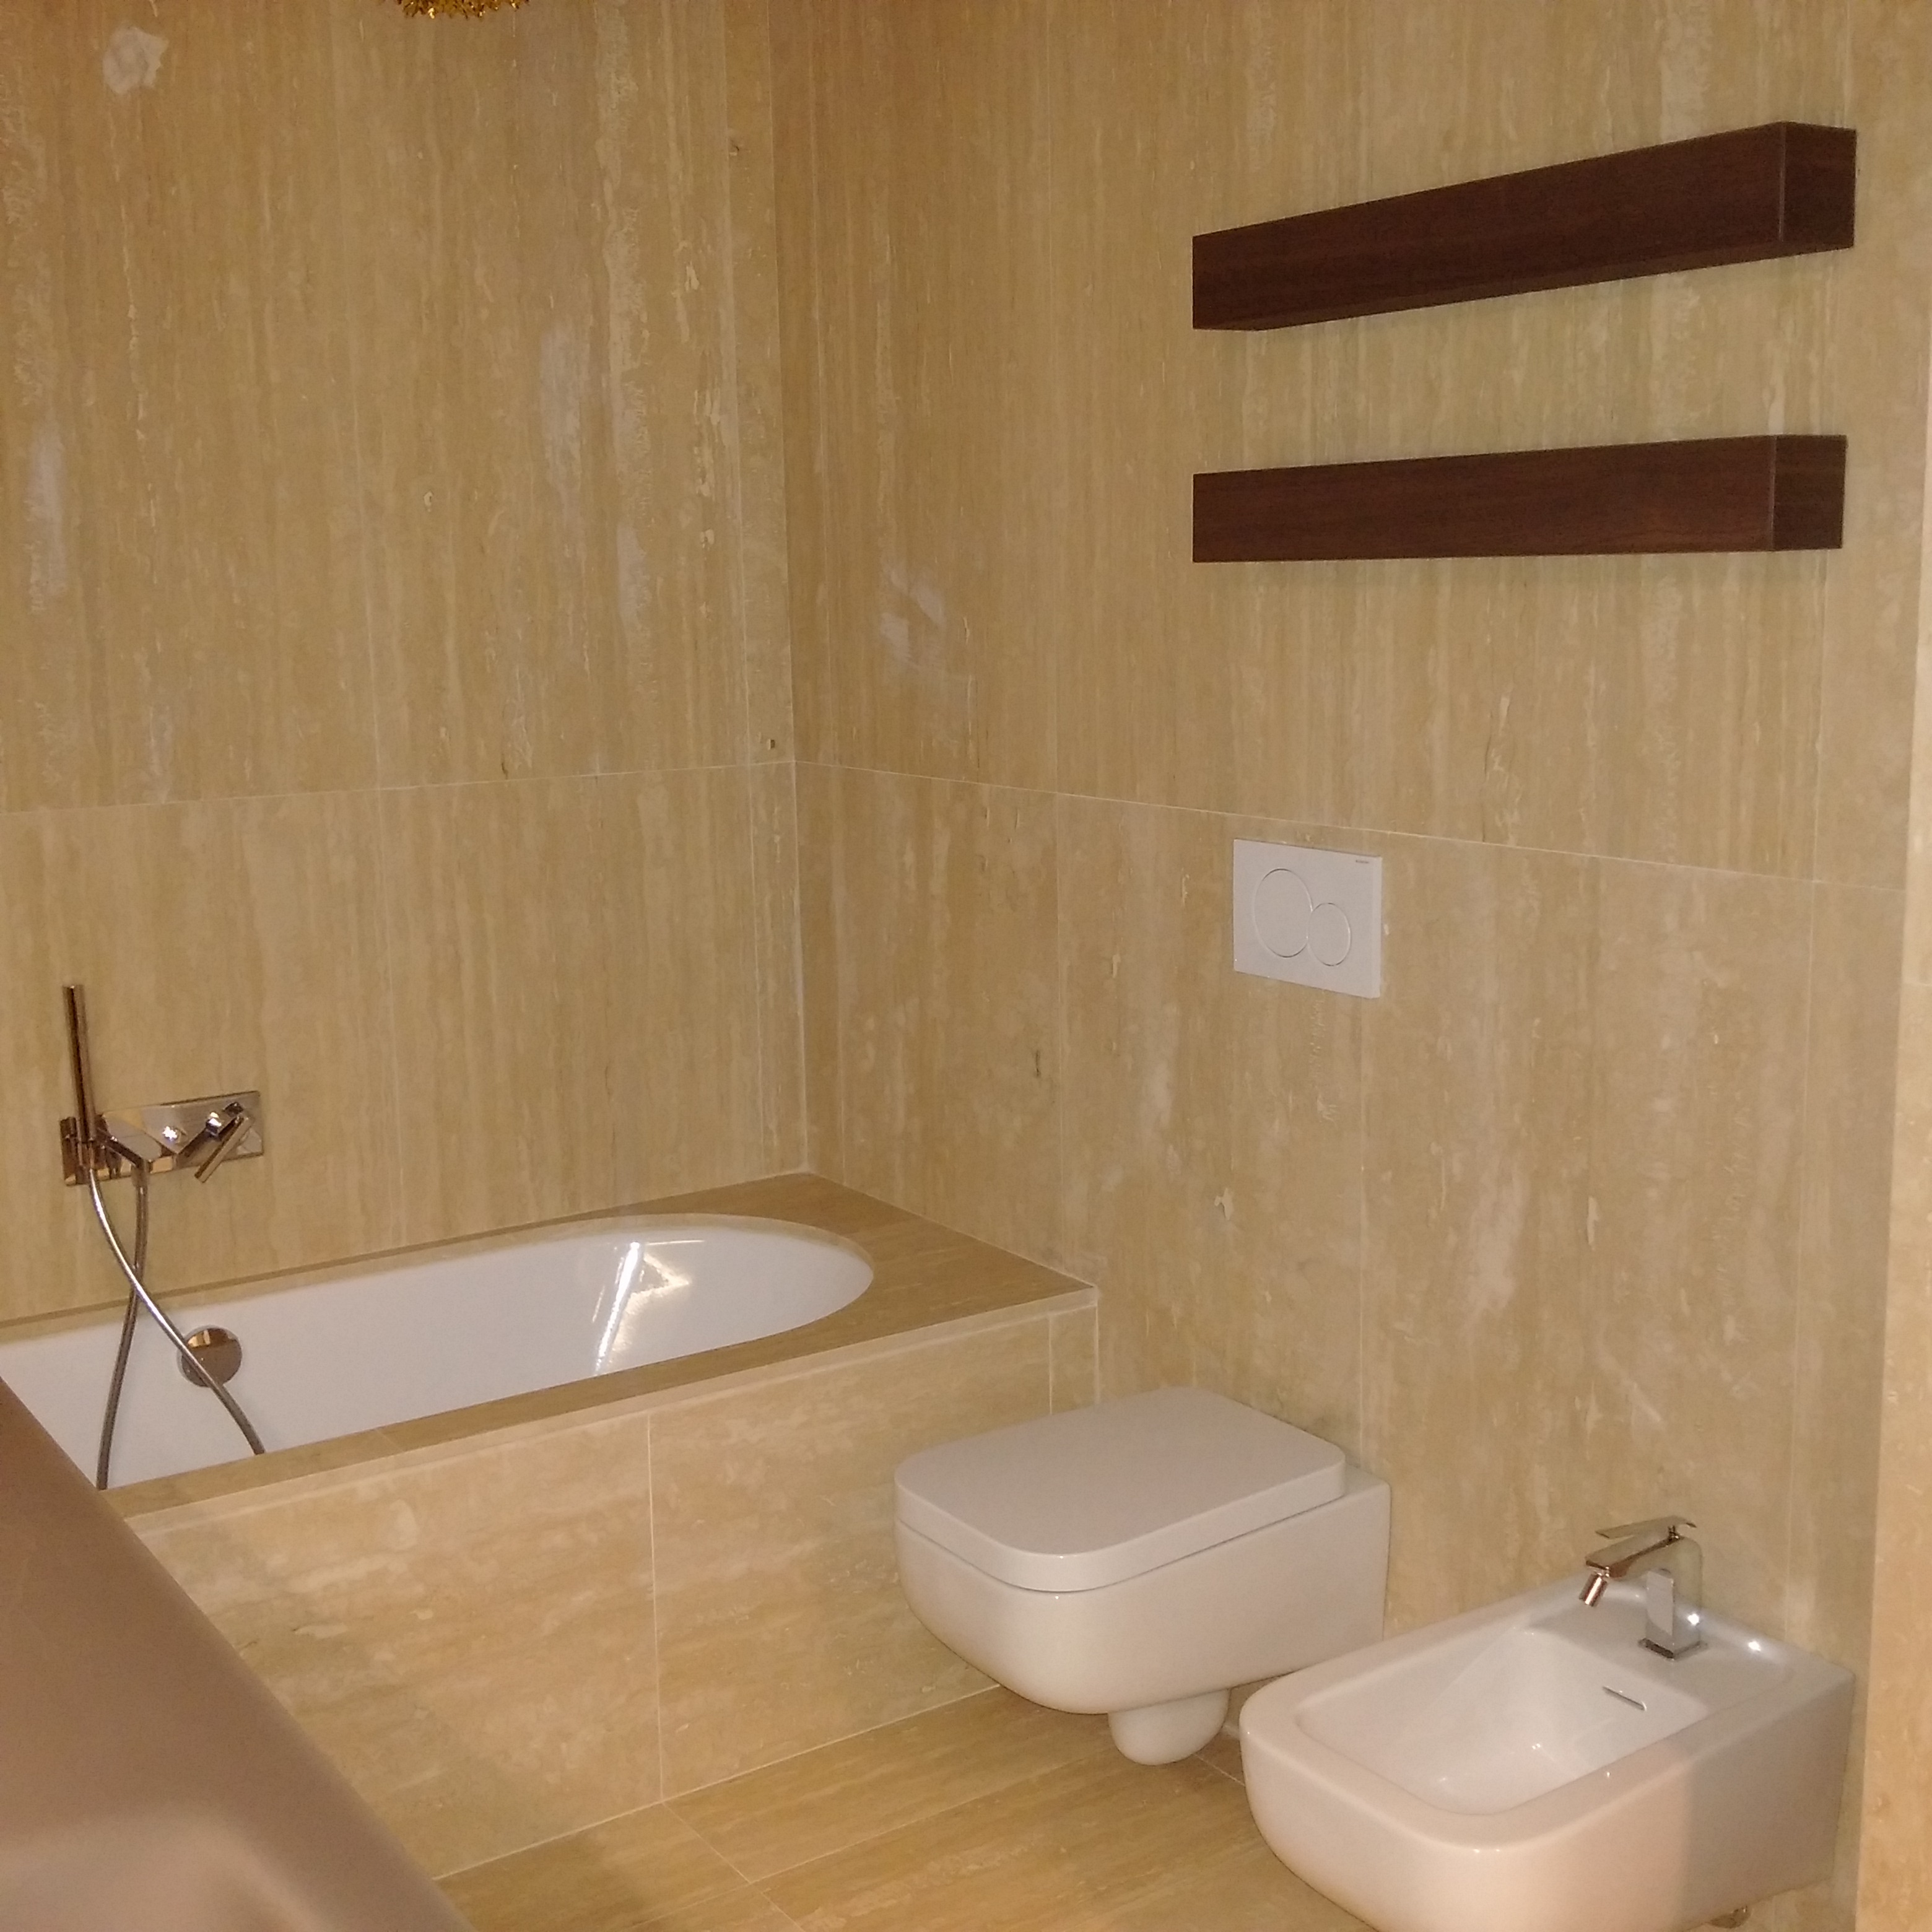 Bagno in marmo travertino classico milgem - Bagno travertino ...